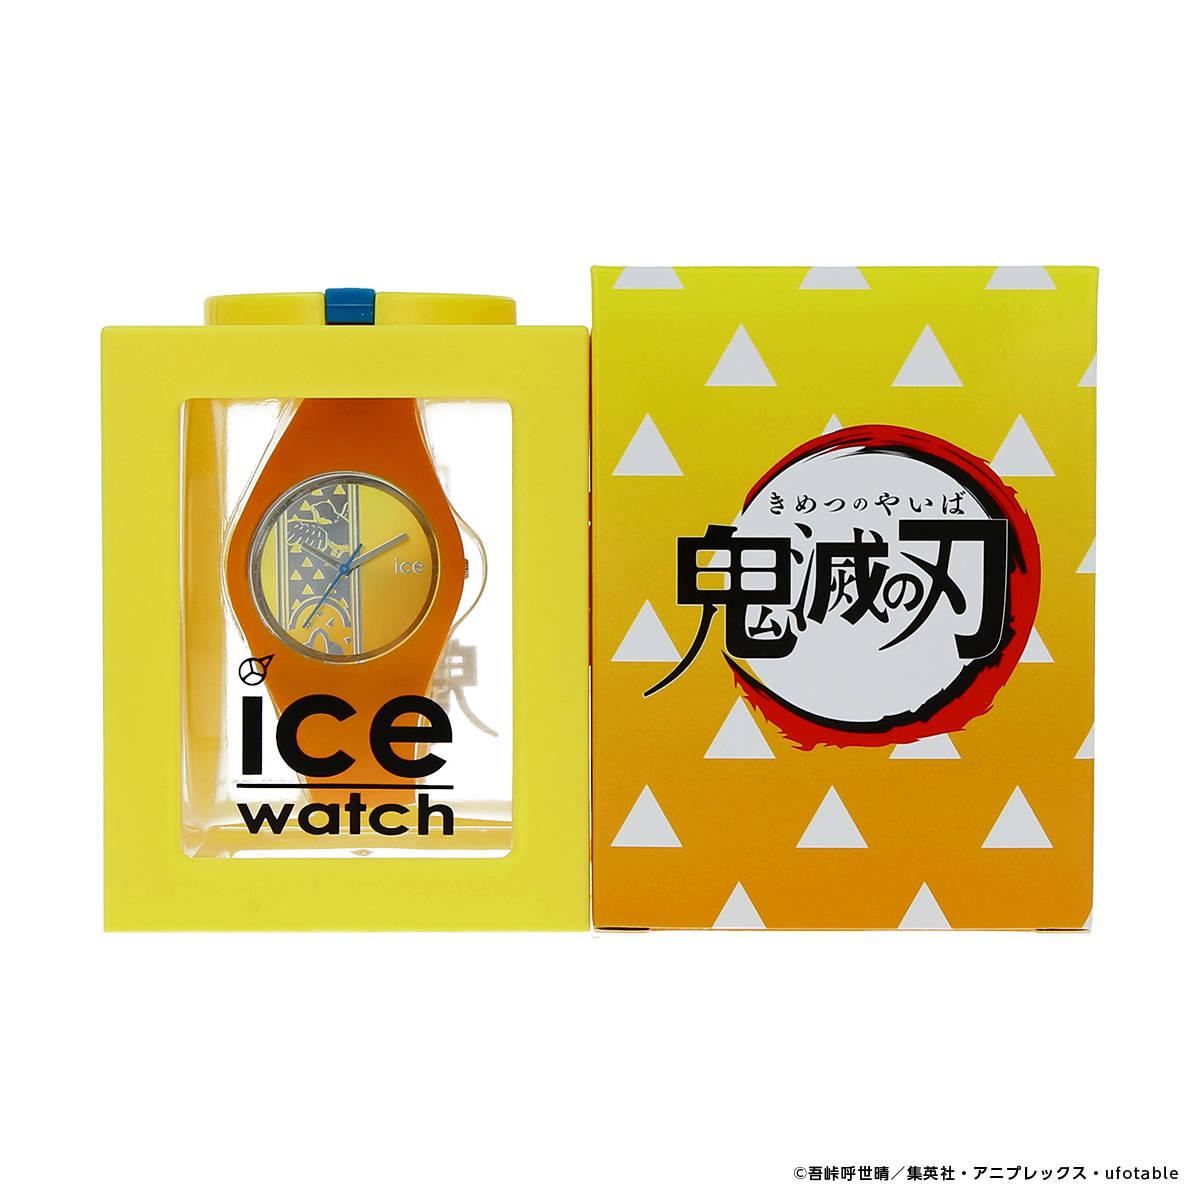 03.「鬼滅の刃」× ICE-WATCH コラボレーションウォッチ 我妻善逸 モデル8